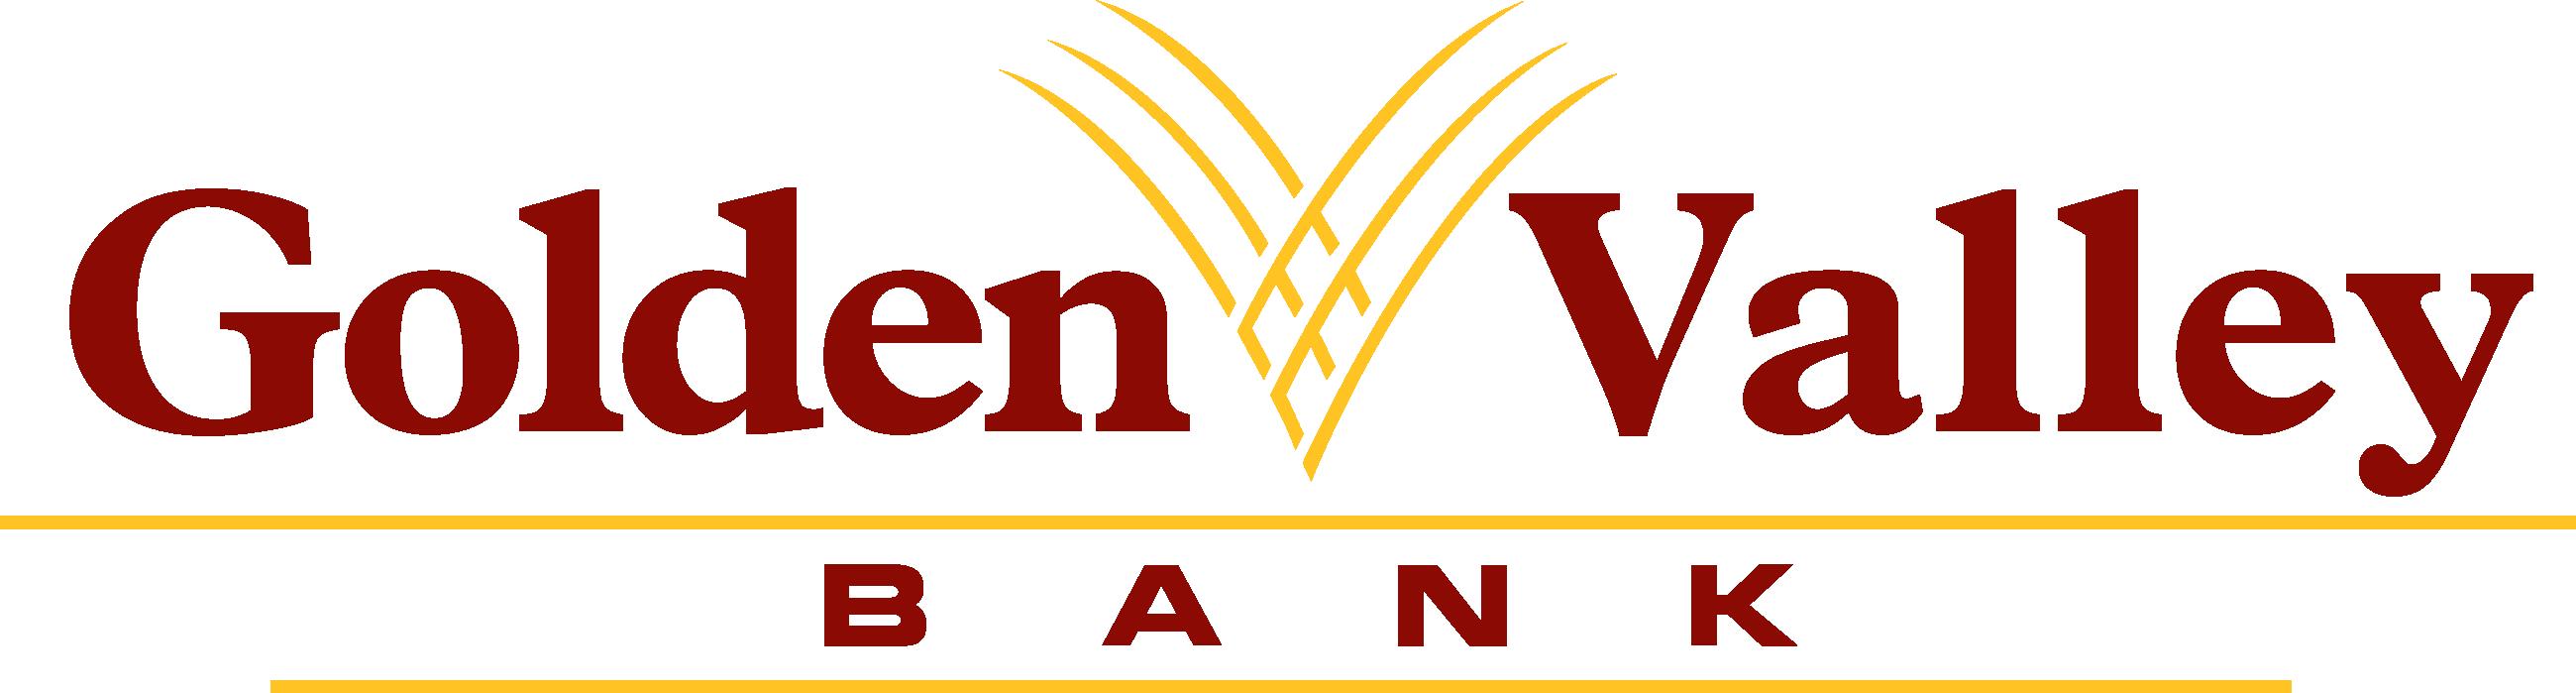 golden_valley_bank_nogradient